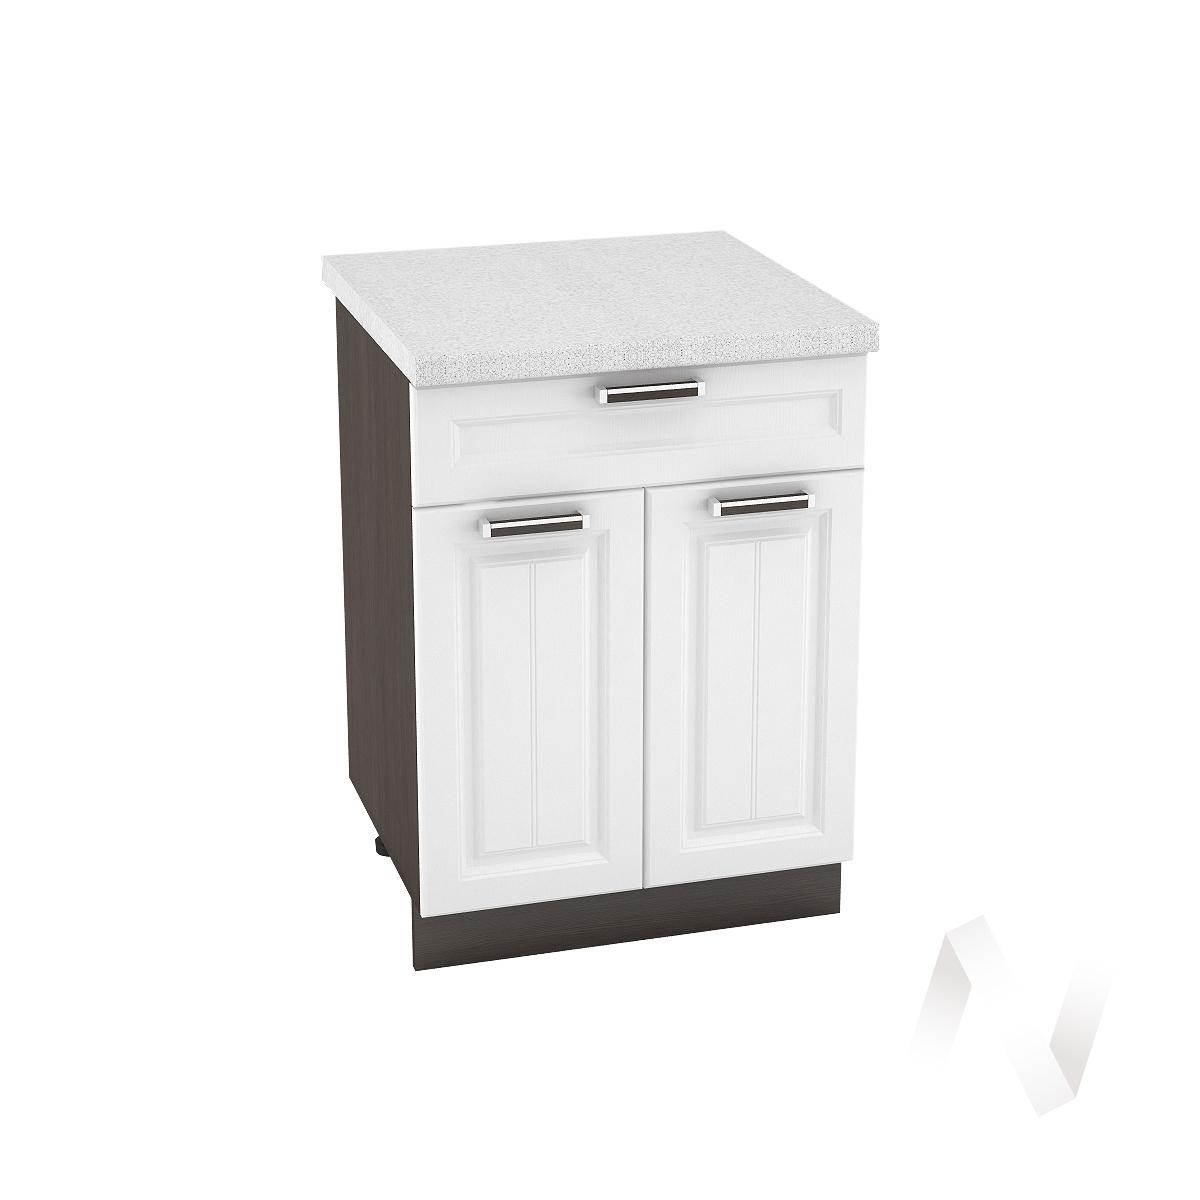 """Кухня """"Прага"""": Шкаф нижний с ящиком 600, ШН1Я 600 М (белое дерево/корпус венге)"""